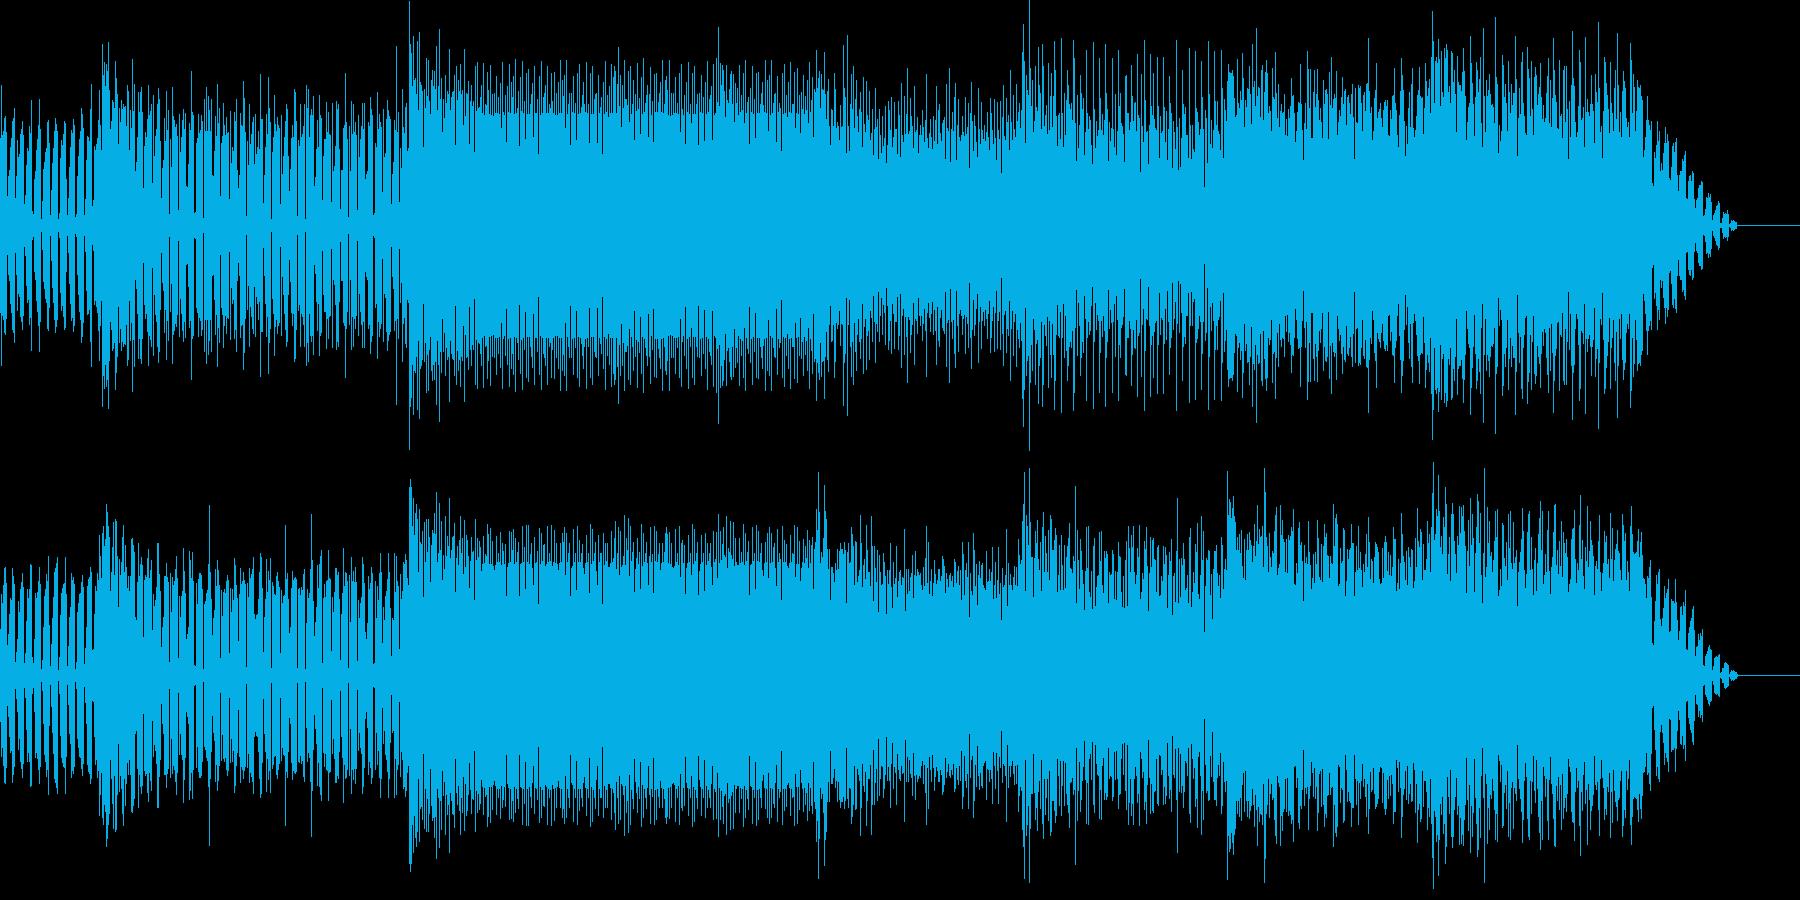 ベースの這いずるサイ・トランスの再生済みの波形